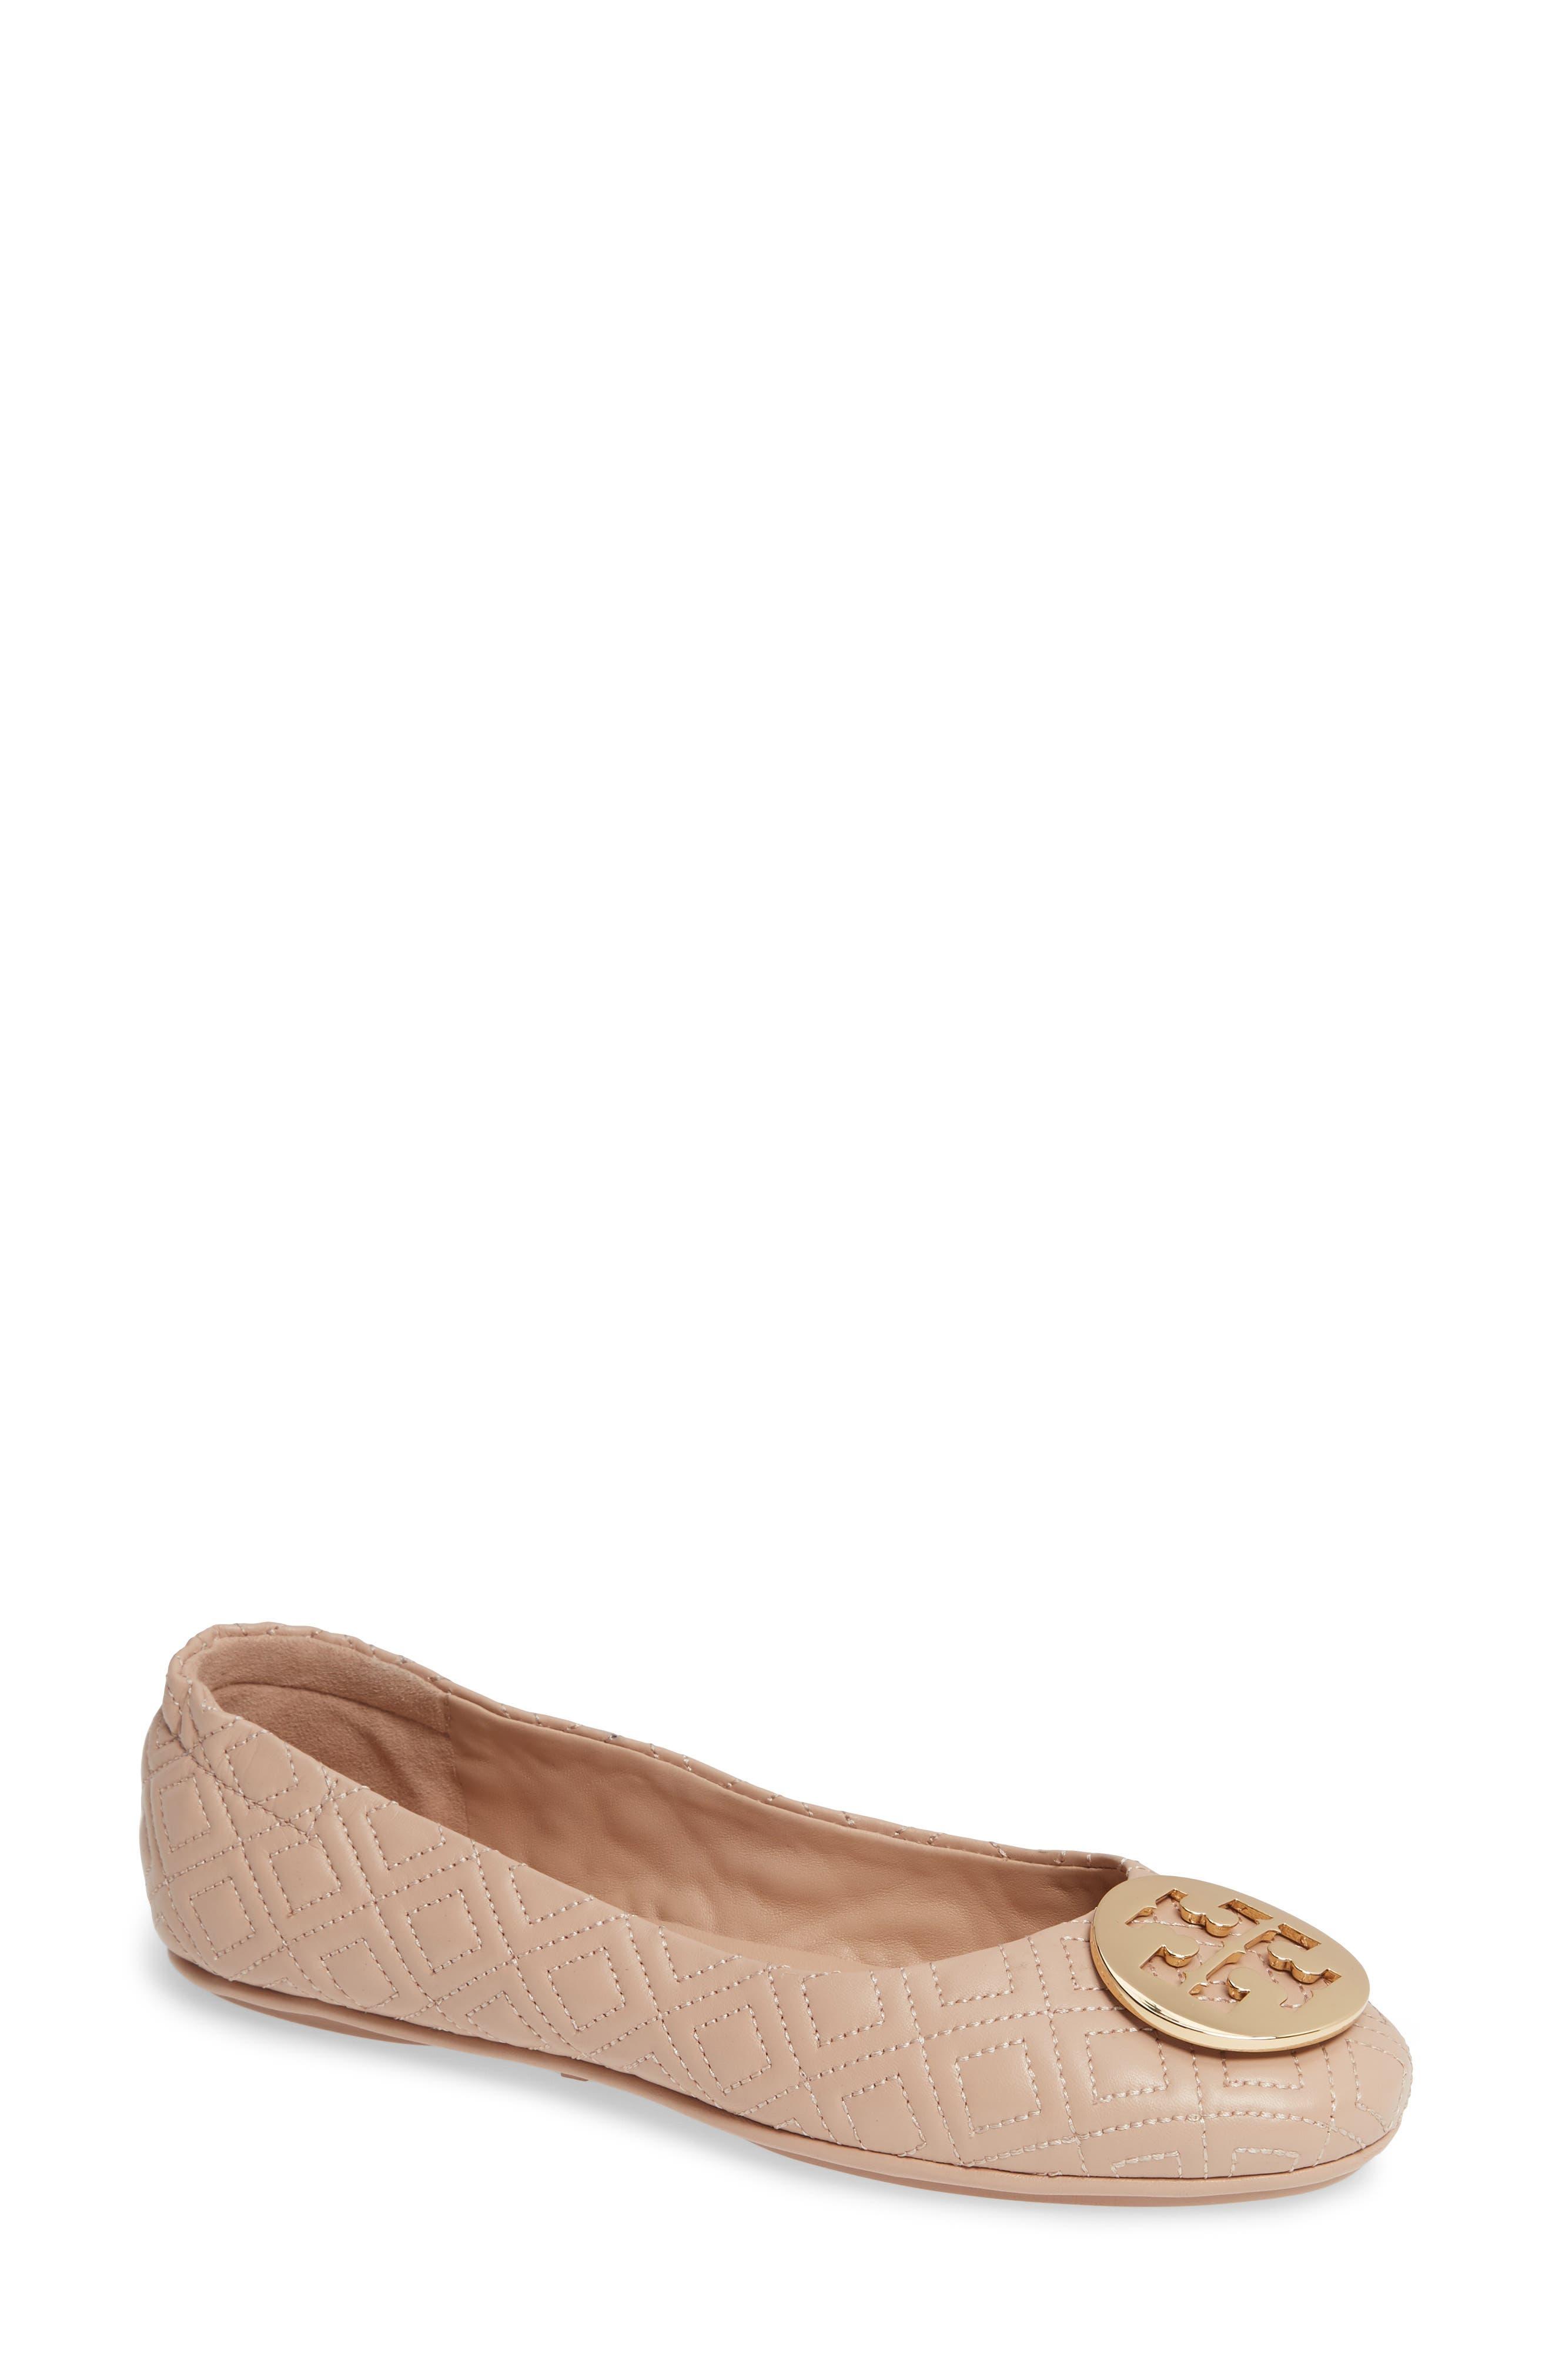 Tory Burch Minnie Ballet Flat (Women)